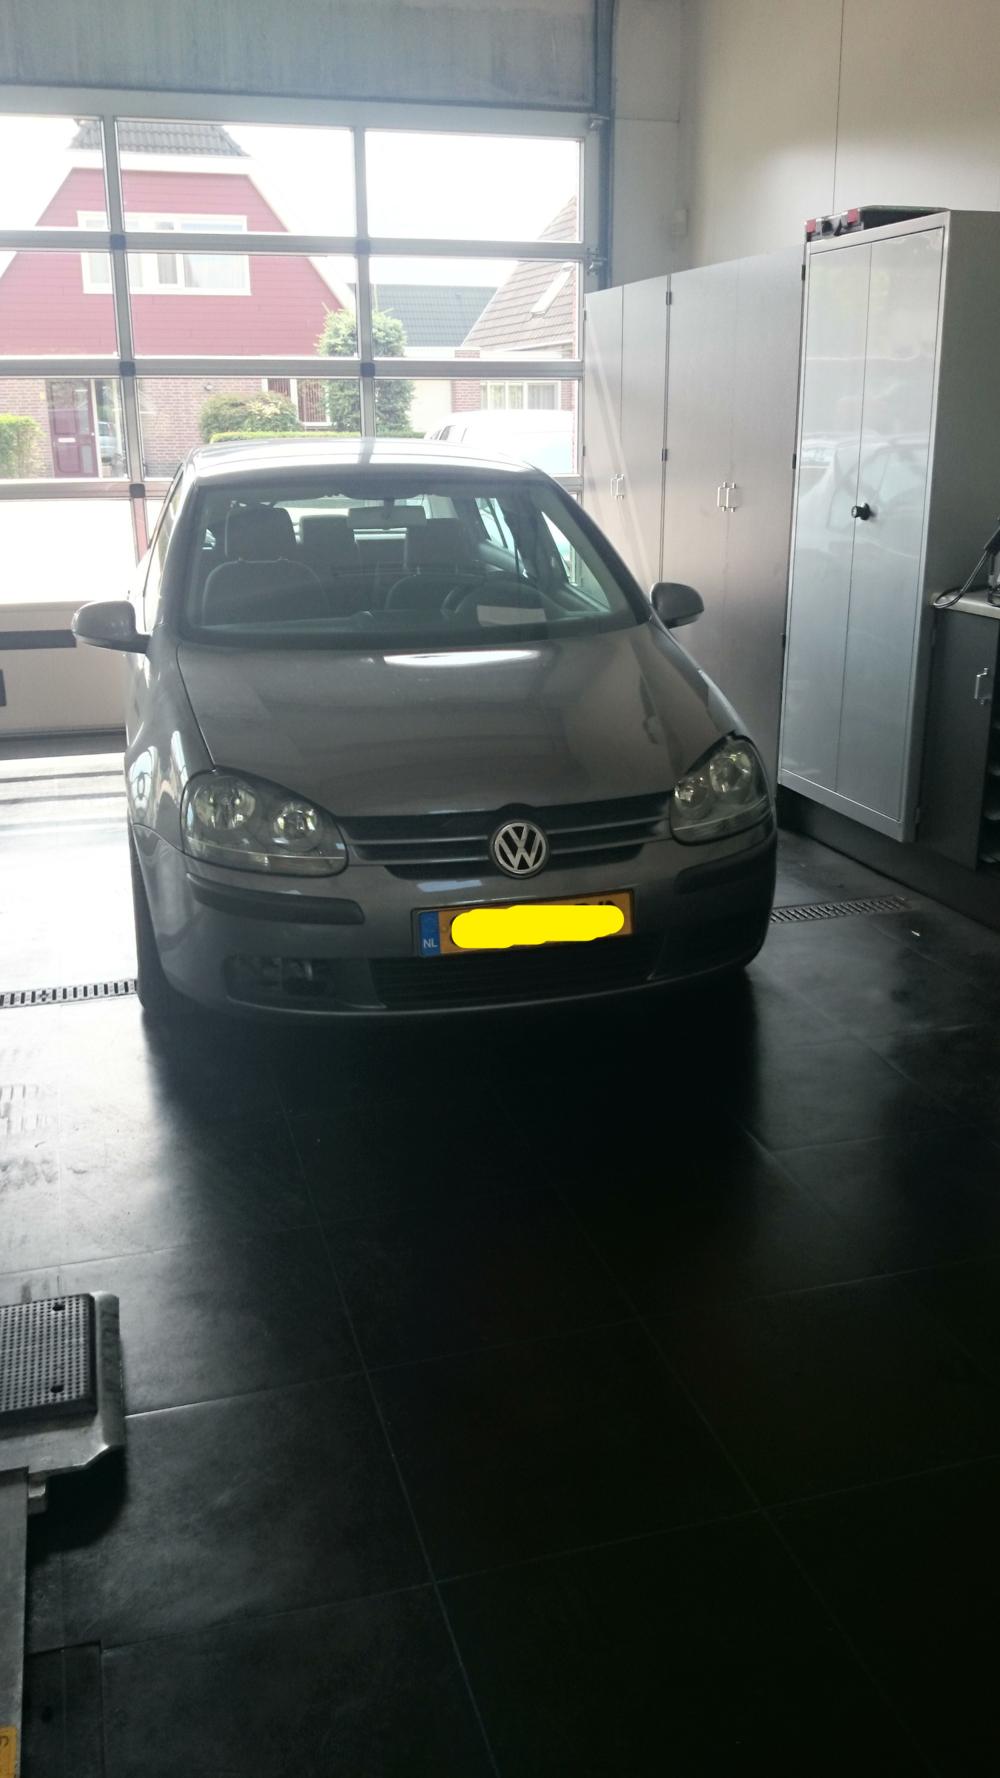 De VW Golf staat bij ons in de werkplaats